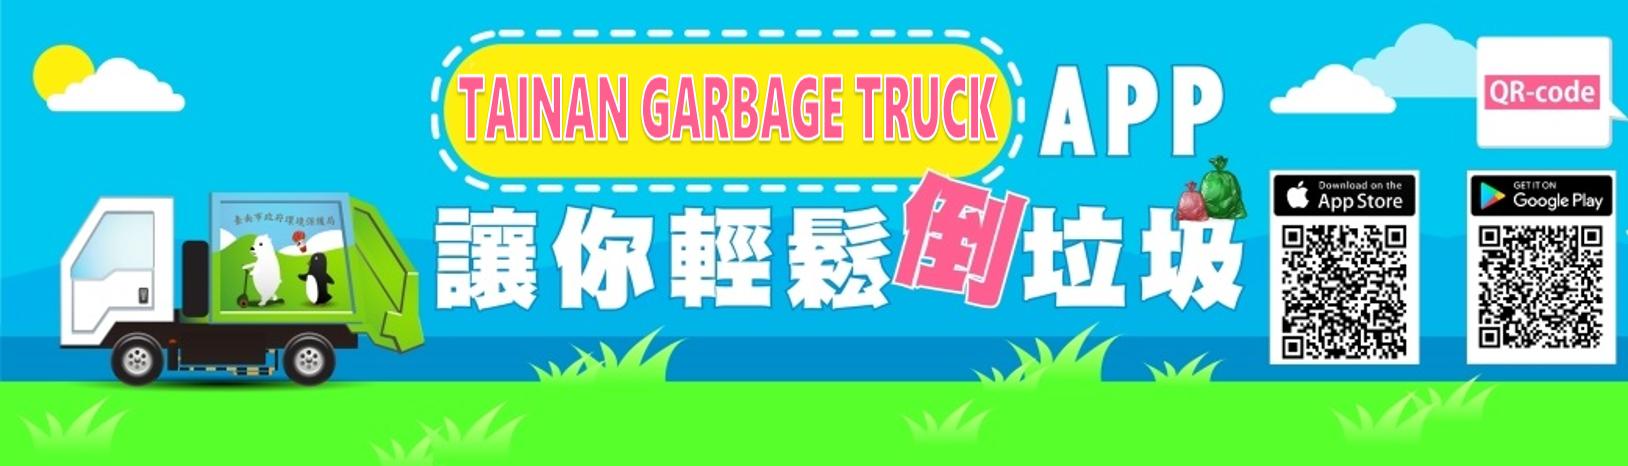 tainan garbage truck